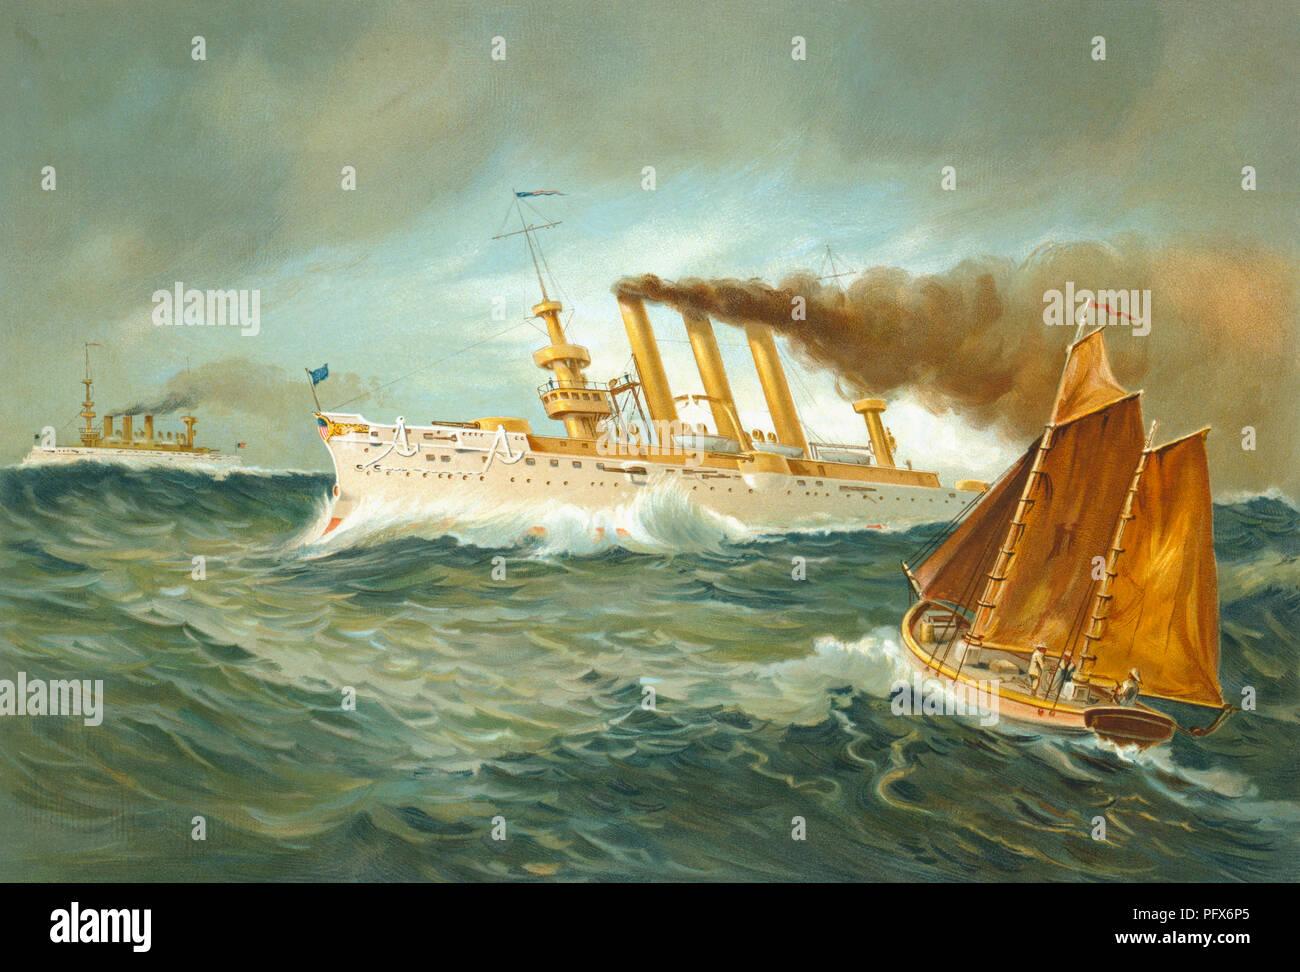 Impression d'artiste de USS Brooklyn, un croiseur blindé de la marine des États-Unis, lancé en 1895 et mis hors service en 1920. Elle a été la vedette de la marine des États-Unis pendant la guerre hispano-américaine. Après une illustration publiée en 1898. Photo Stock